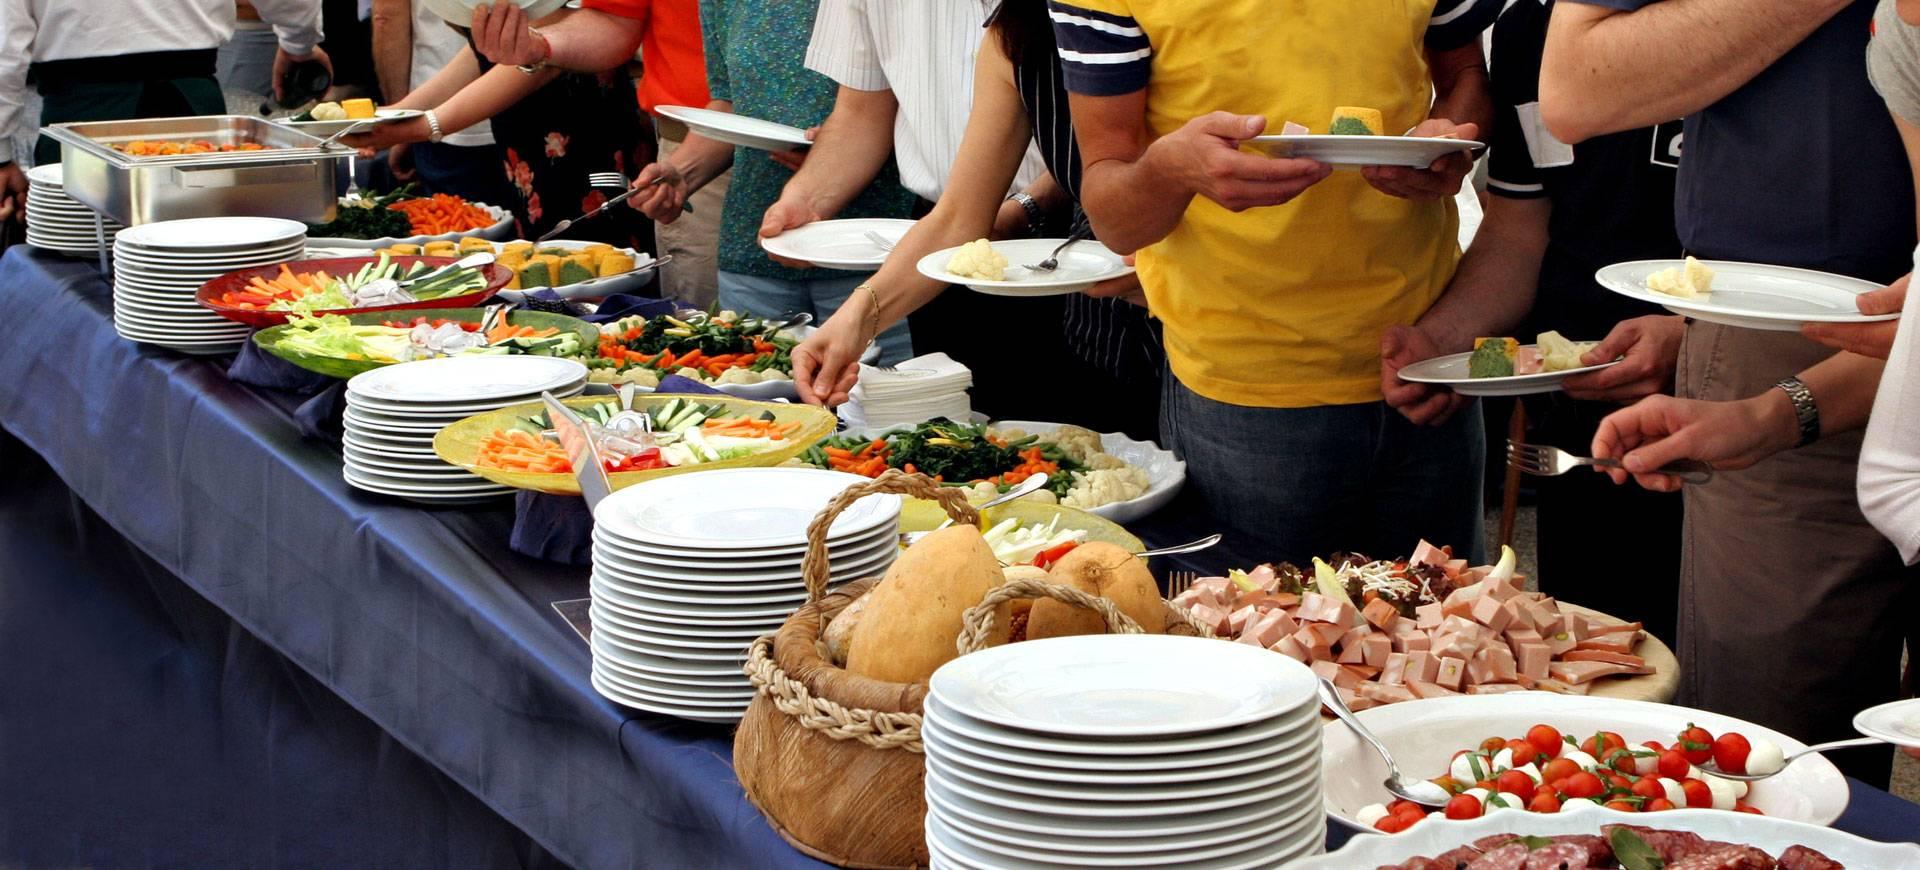 bresactiviteiten catering